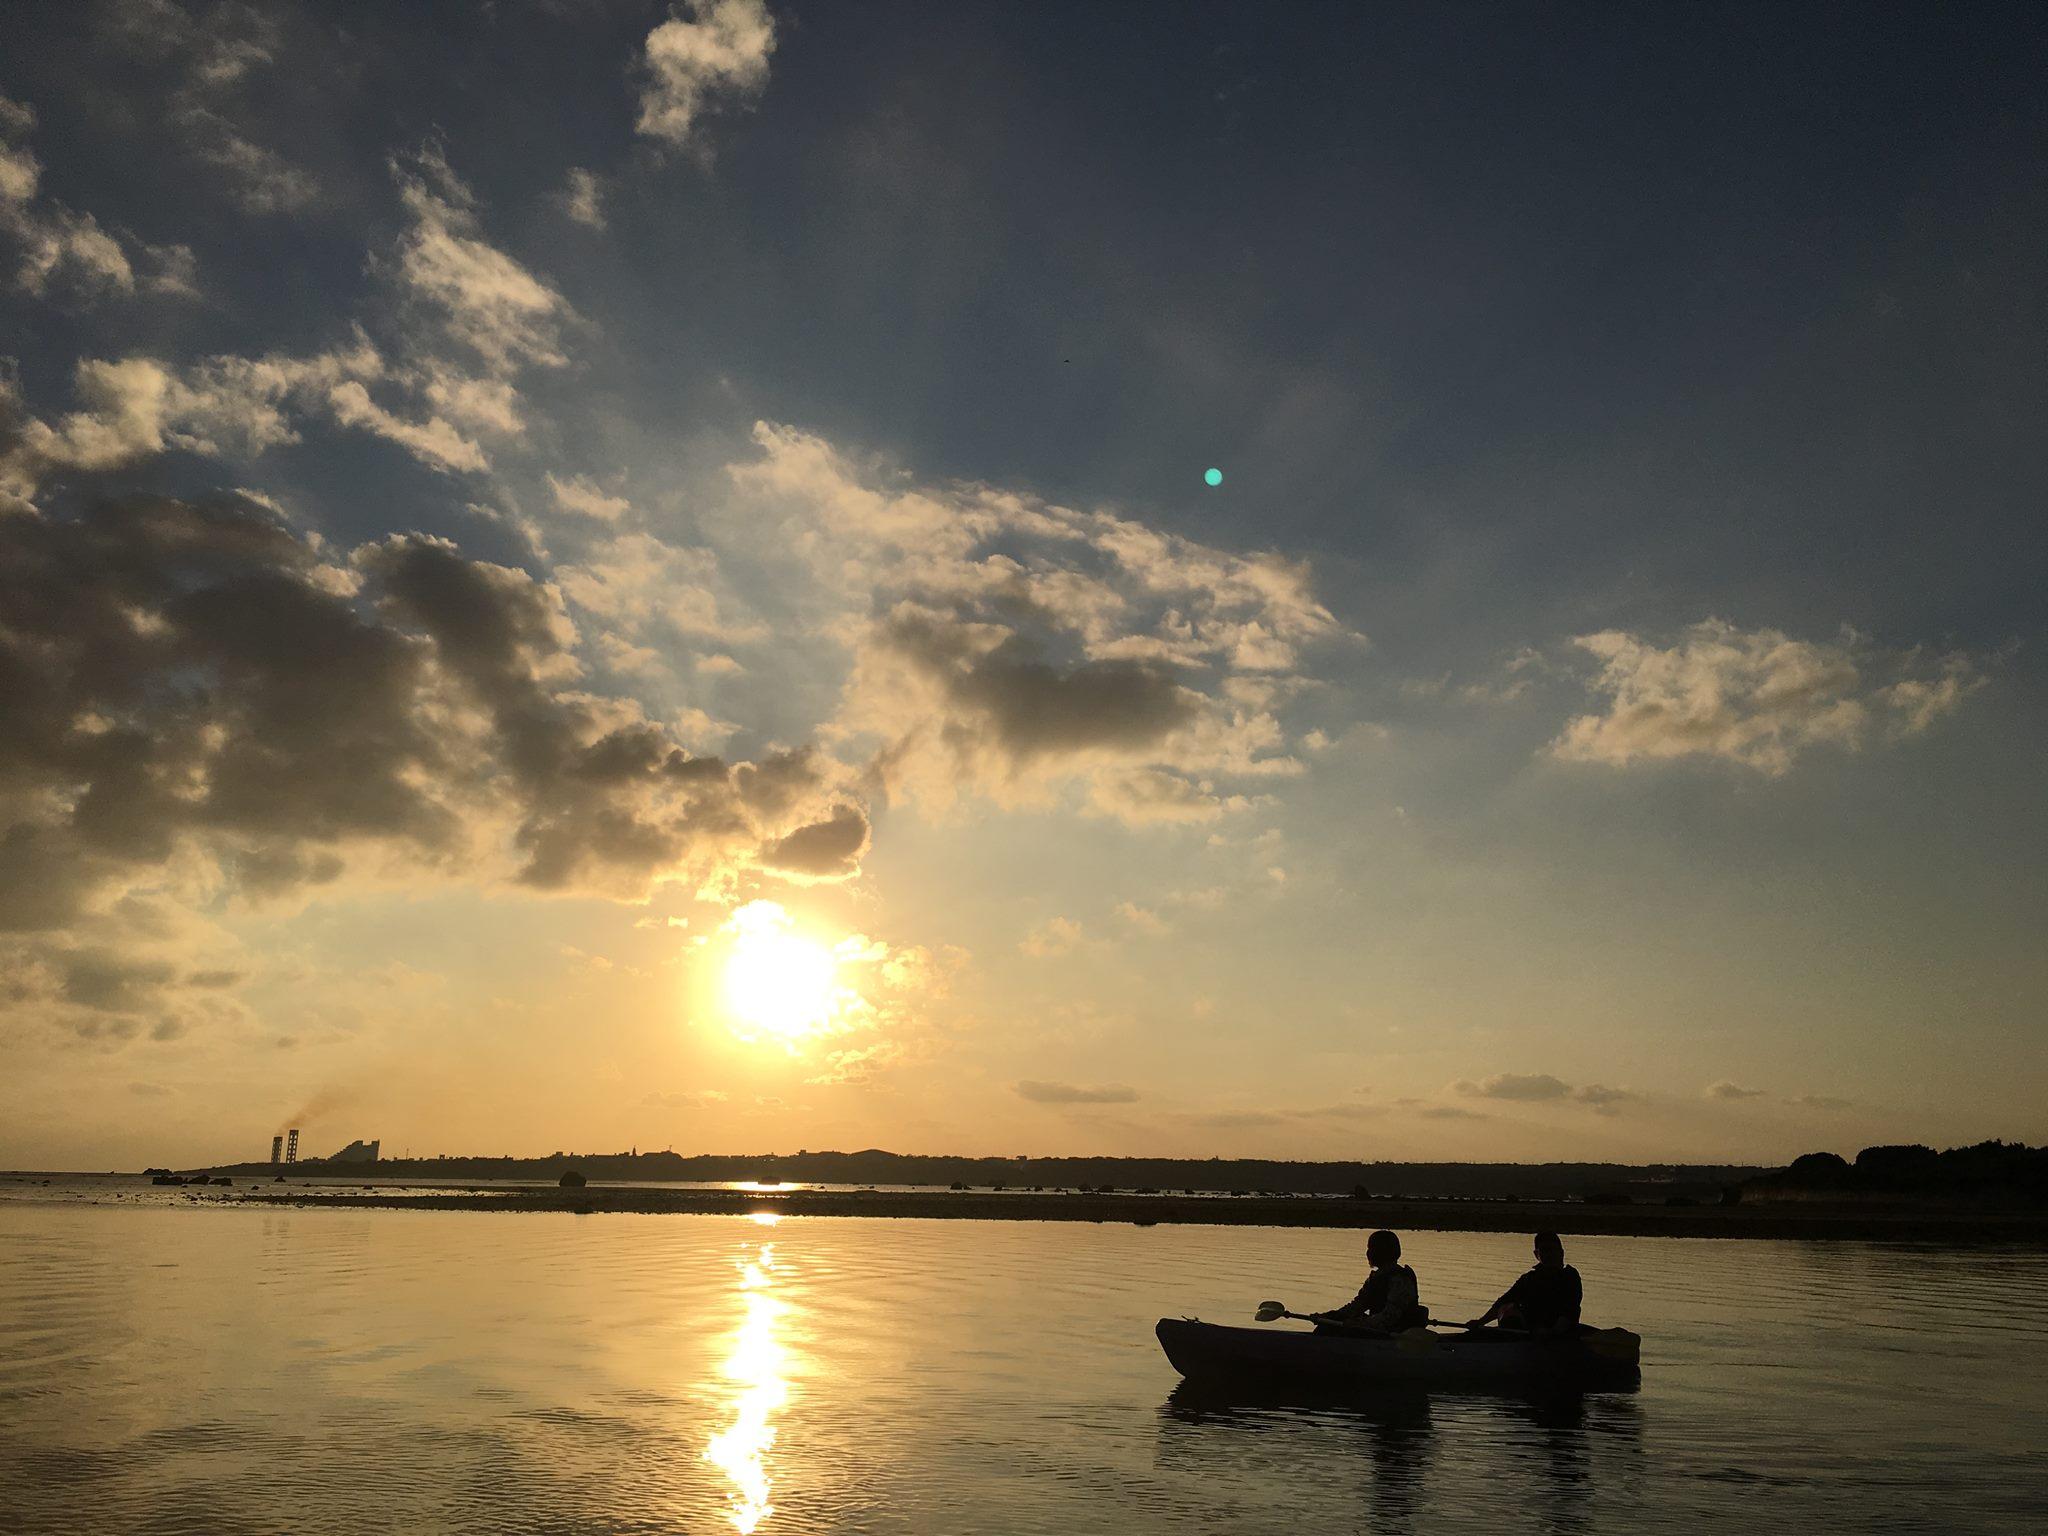 【記念写真付き】行きは夕暮れ、帰りは星空☆ 夕暮れナイトカヌー